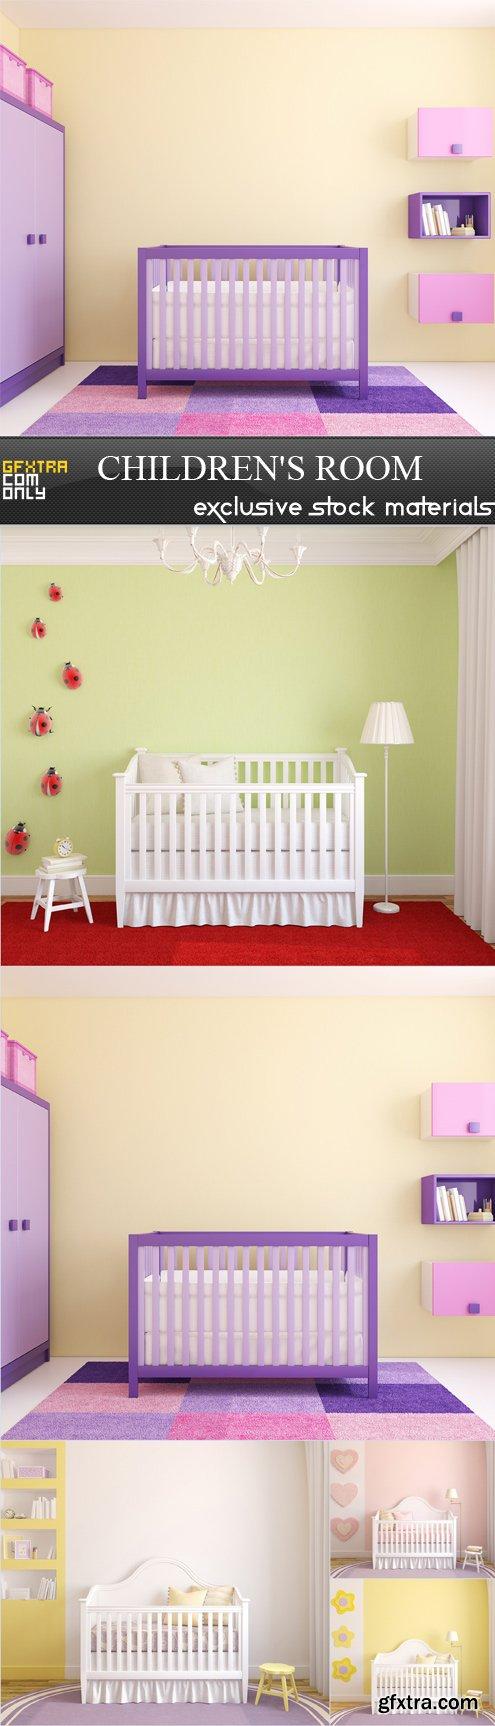 children's room - 5 JPRGs